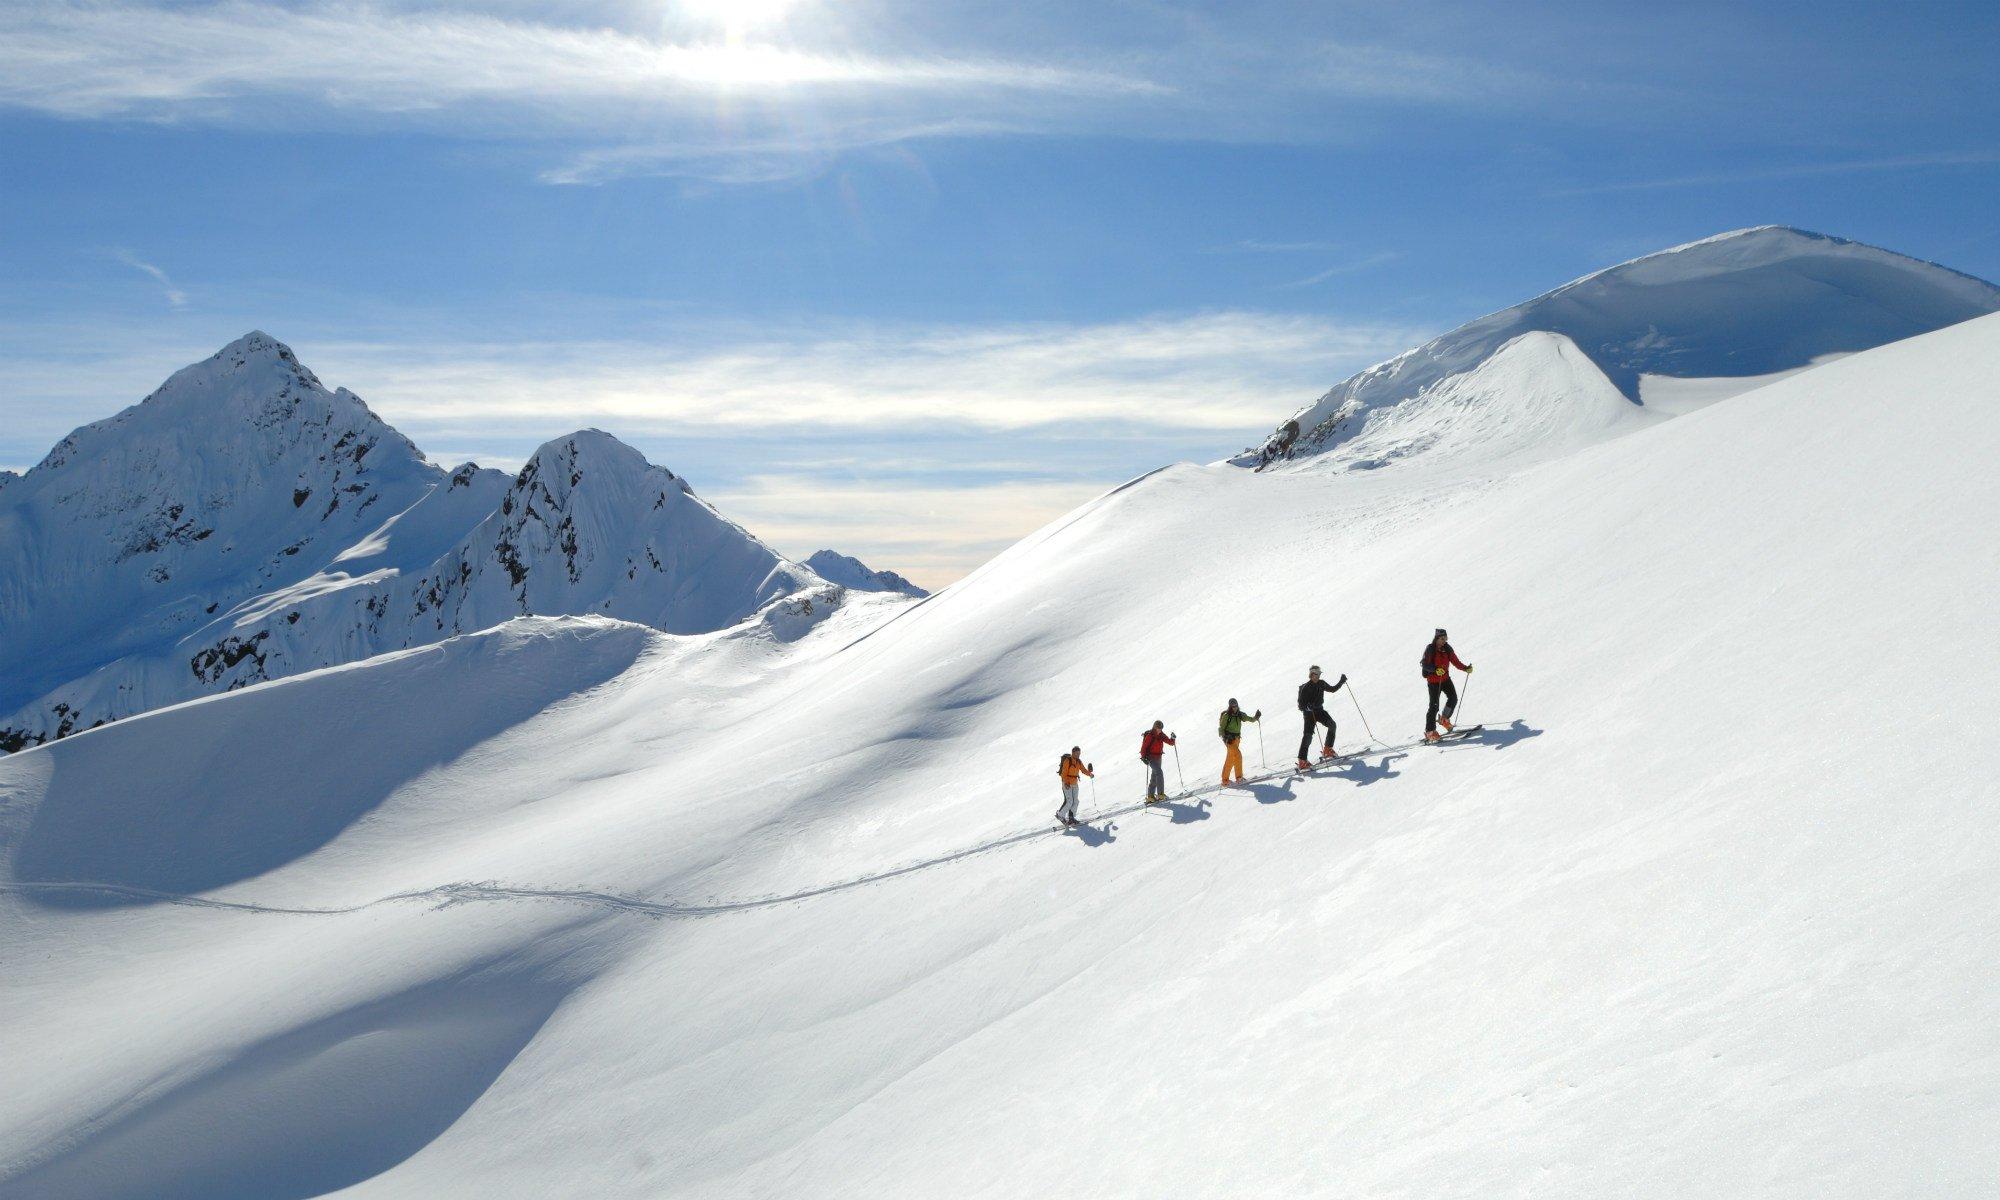 Un groupe de skieurs lors d'une randonnée à ski dans la région de St Anton am Arlberg.